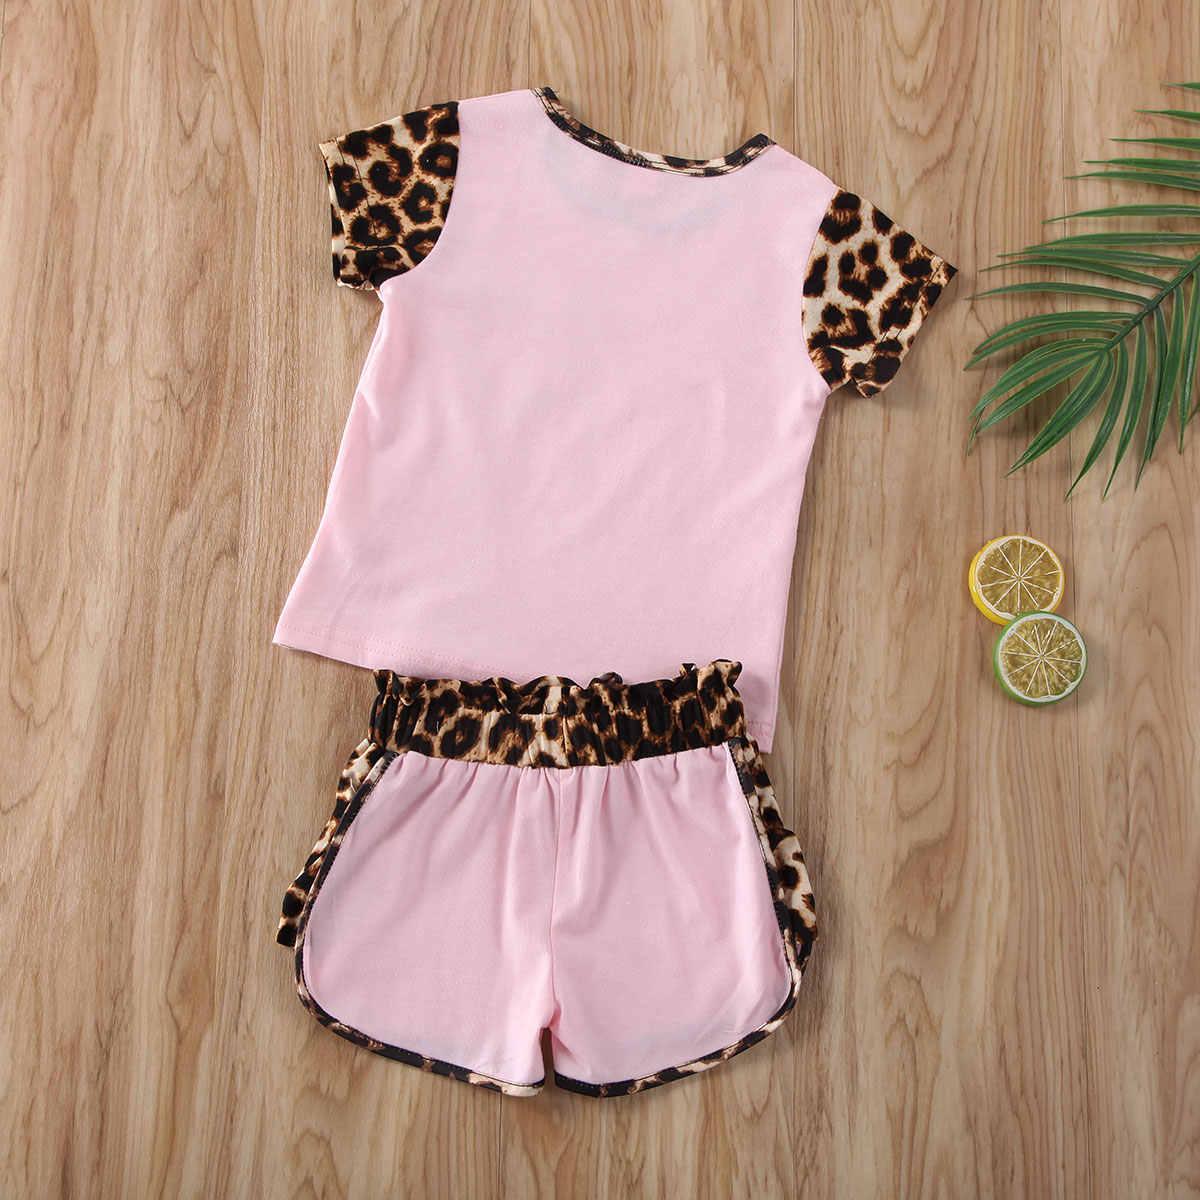 2020 طفل ملابس الصيف 1-6 y طفل طفل رضيع فتاة قصيرة الأكمام ليوبارد القمم قميص سراويل قصيرة الزي الملابس مجموعة 2 قطعة